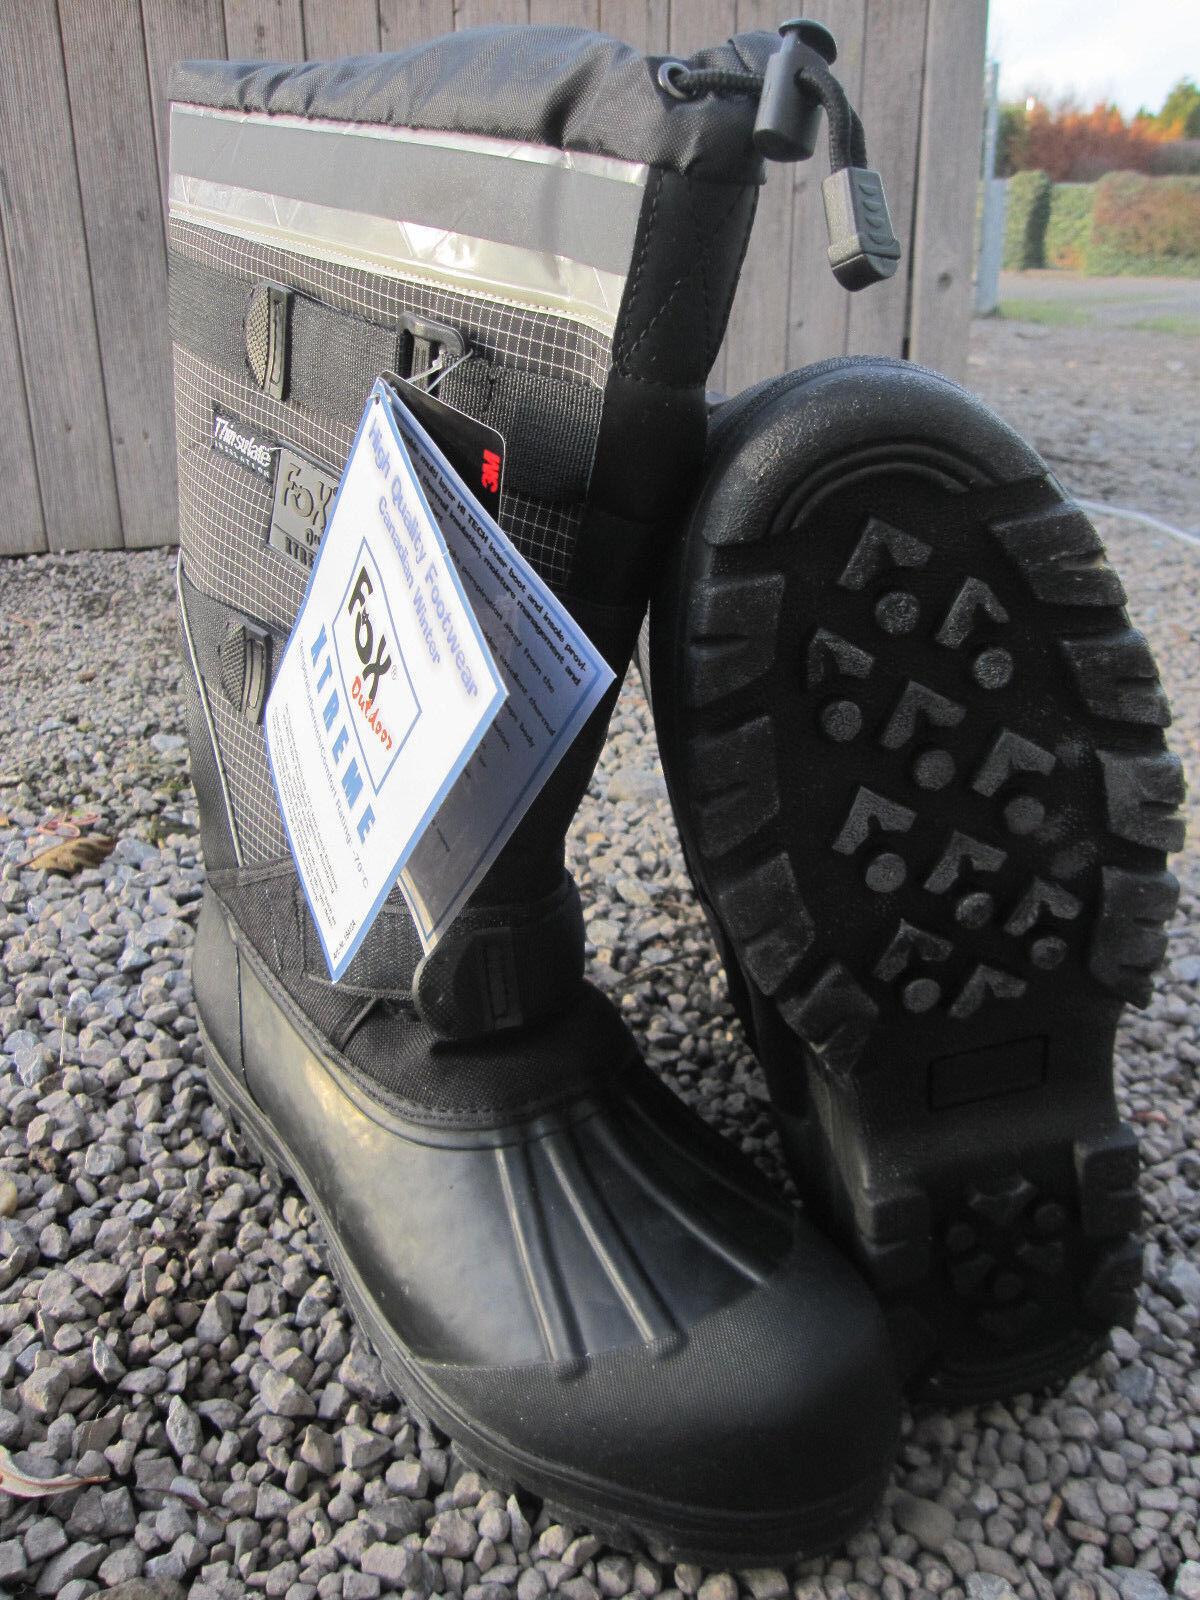 Fox -70 C frío projoección botas botas de invierno invierno botas icebotas thermobotas 45